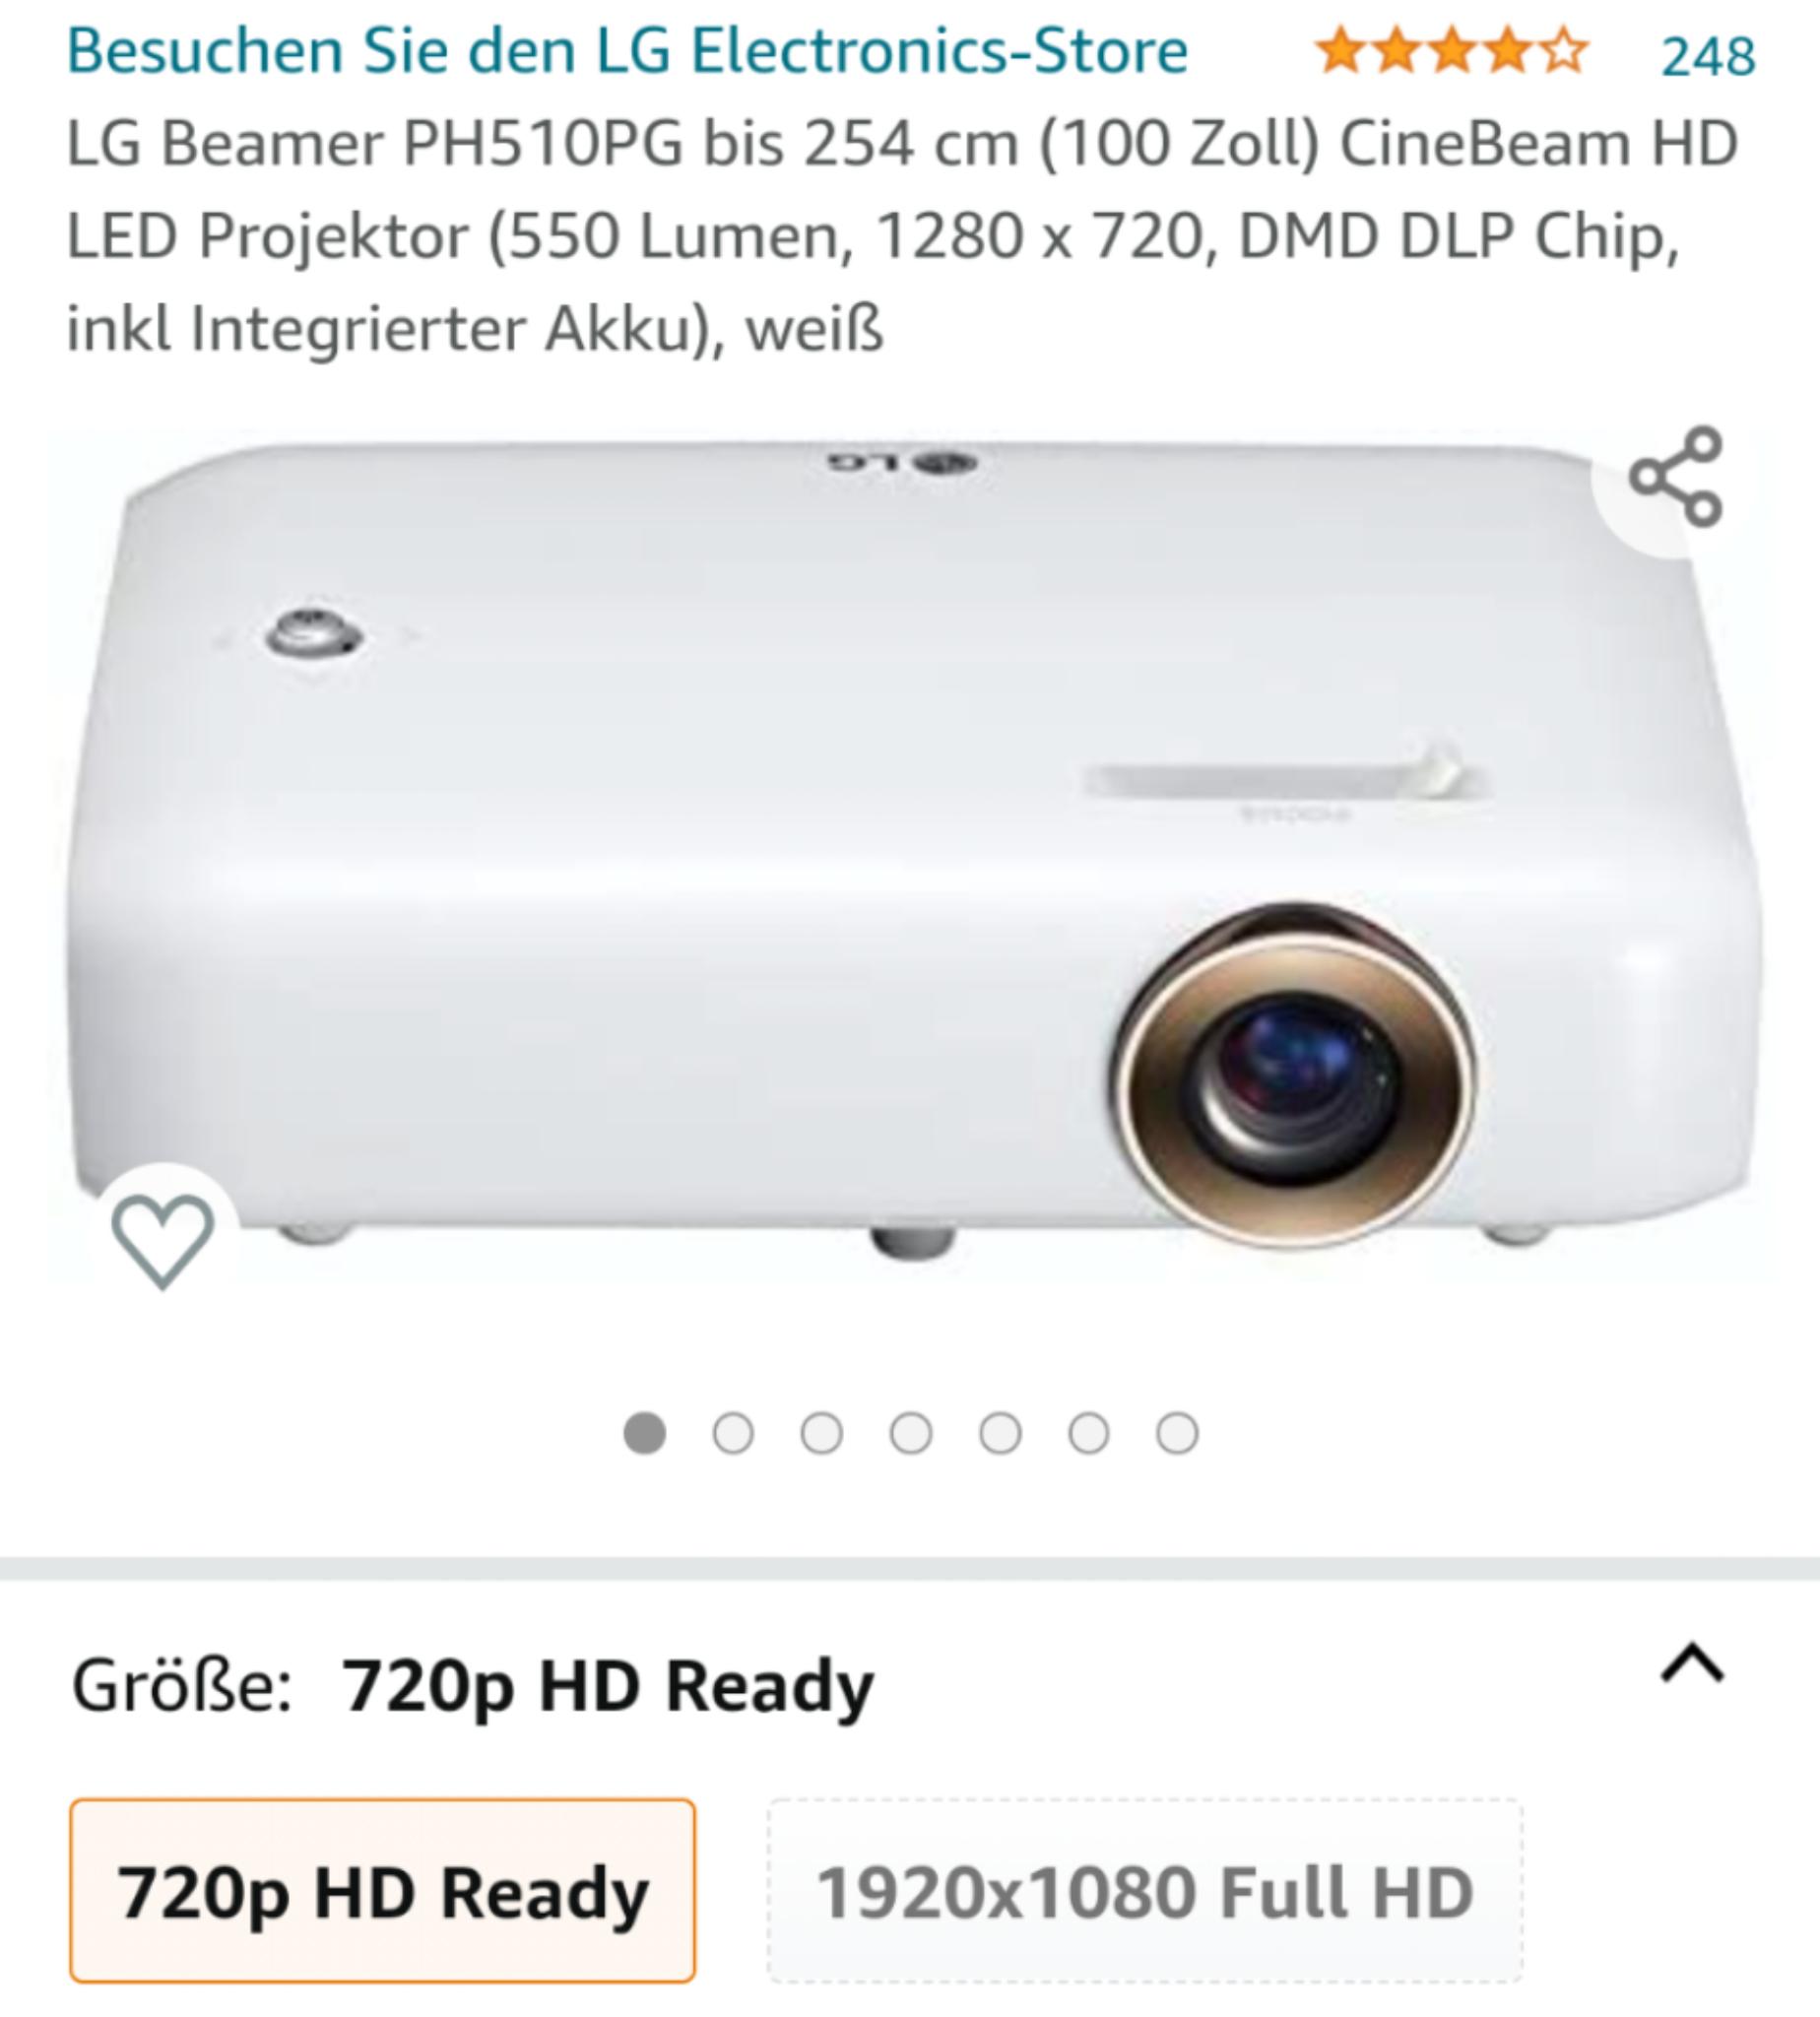 LG Beamer PH510PG mit Akku 720p